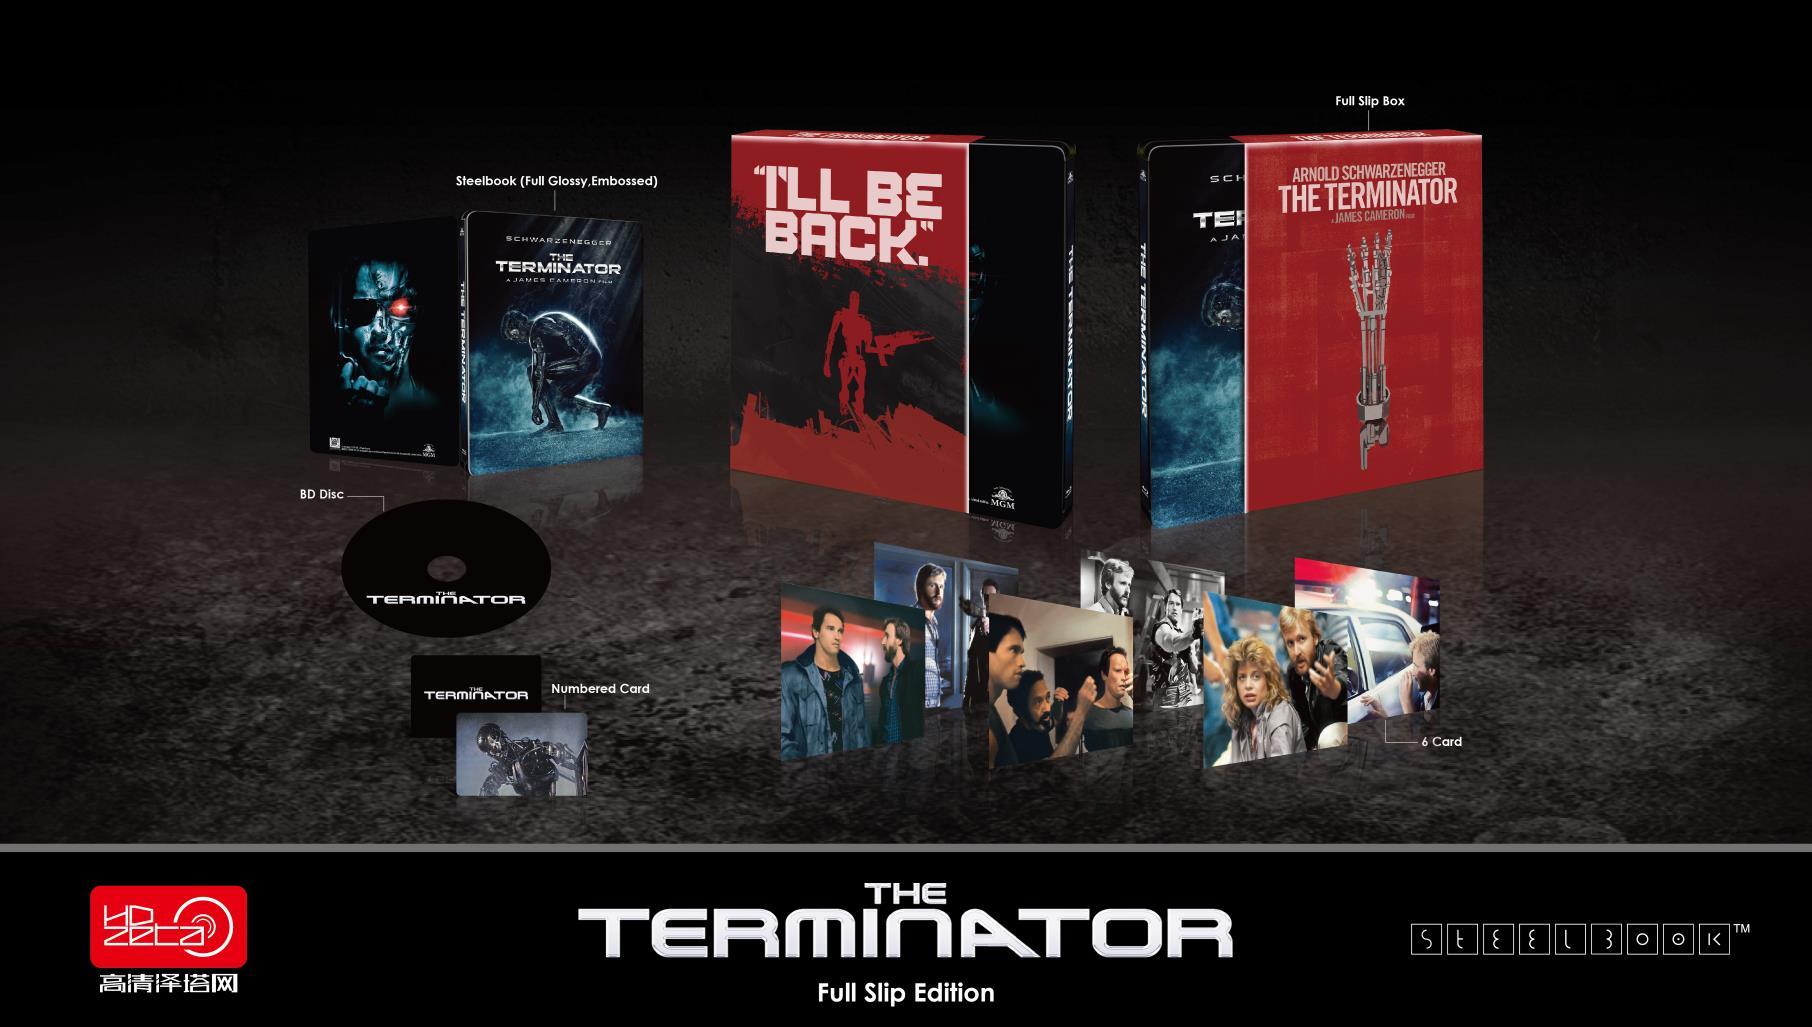 Terminator T1 Fullslip steelbook hdzeta